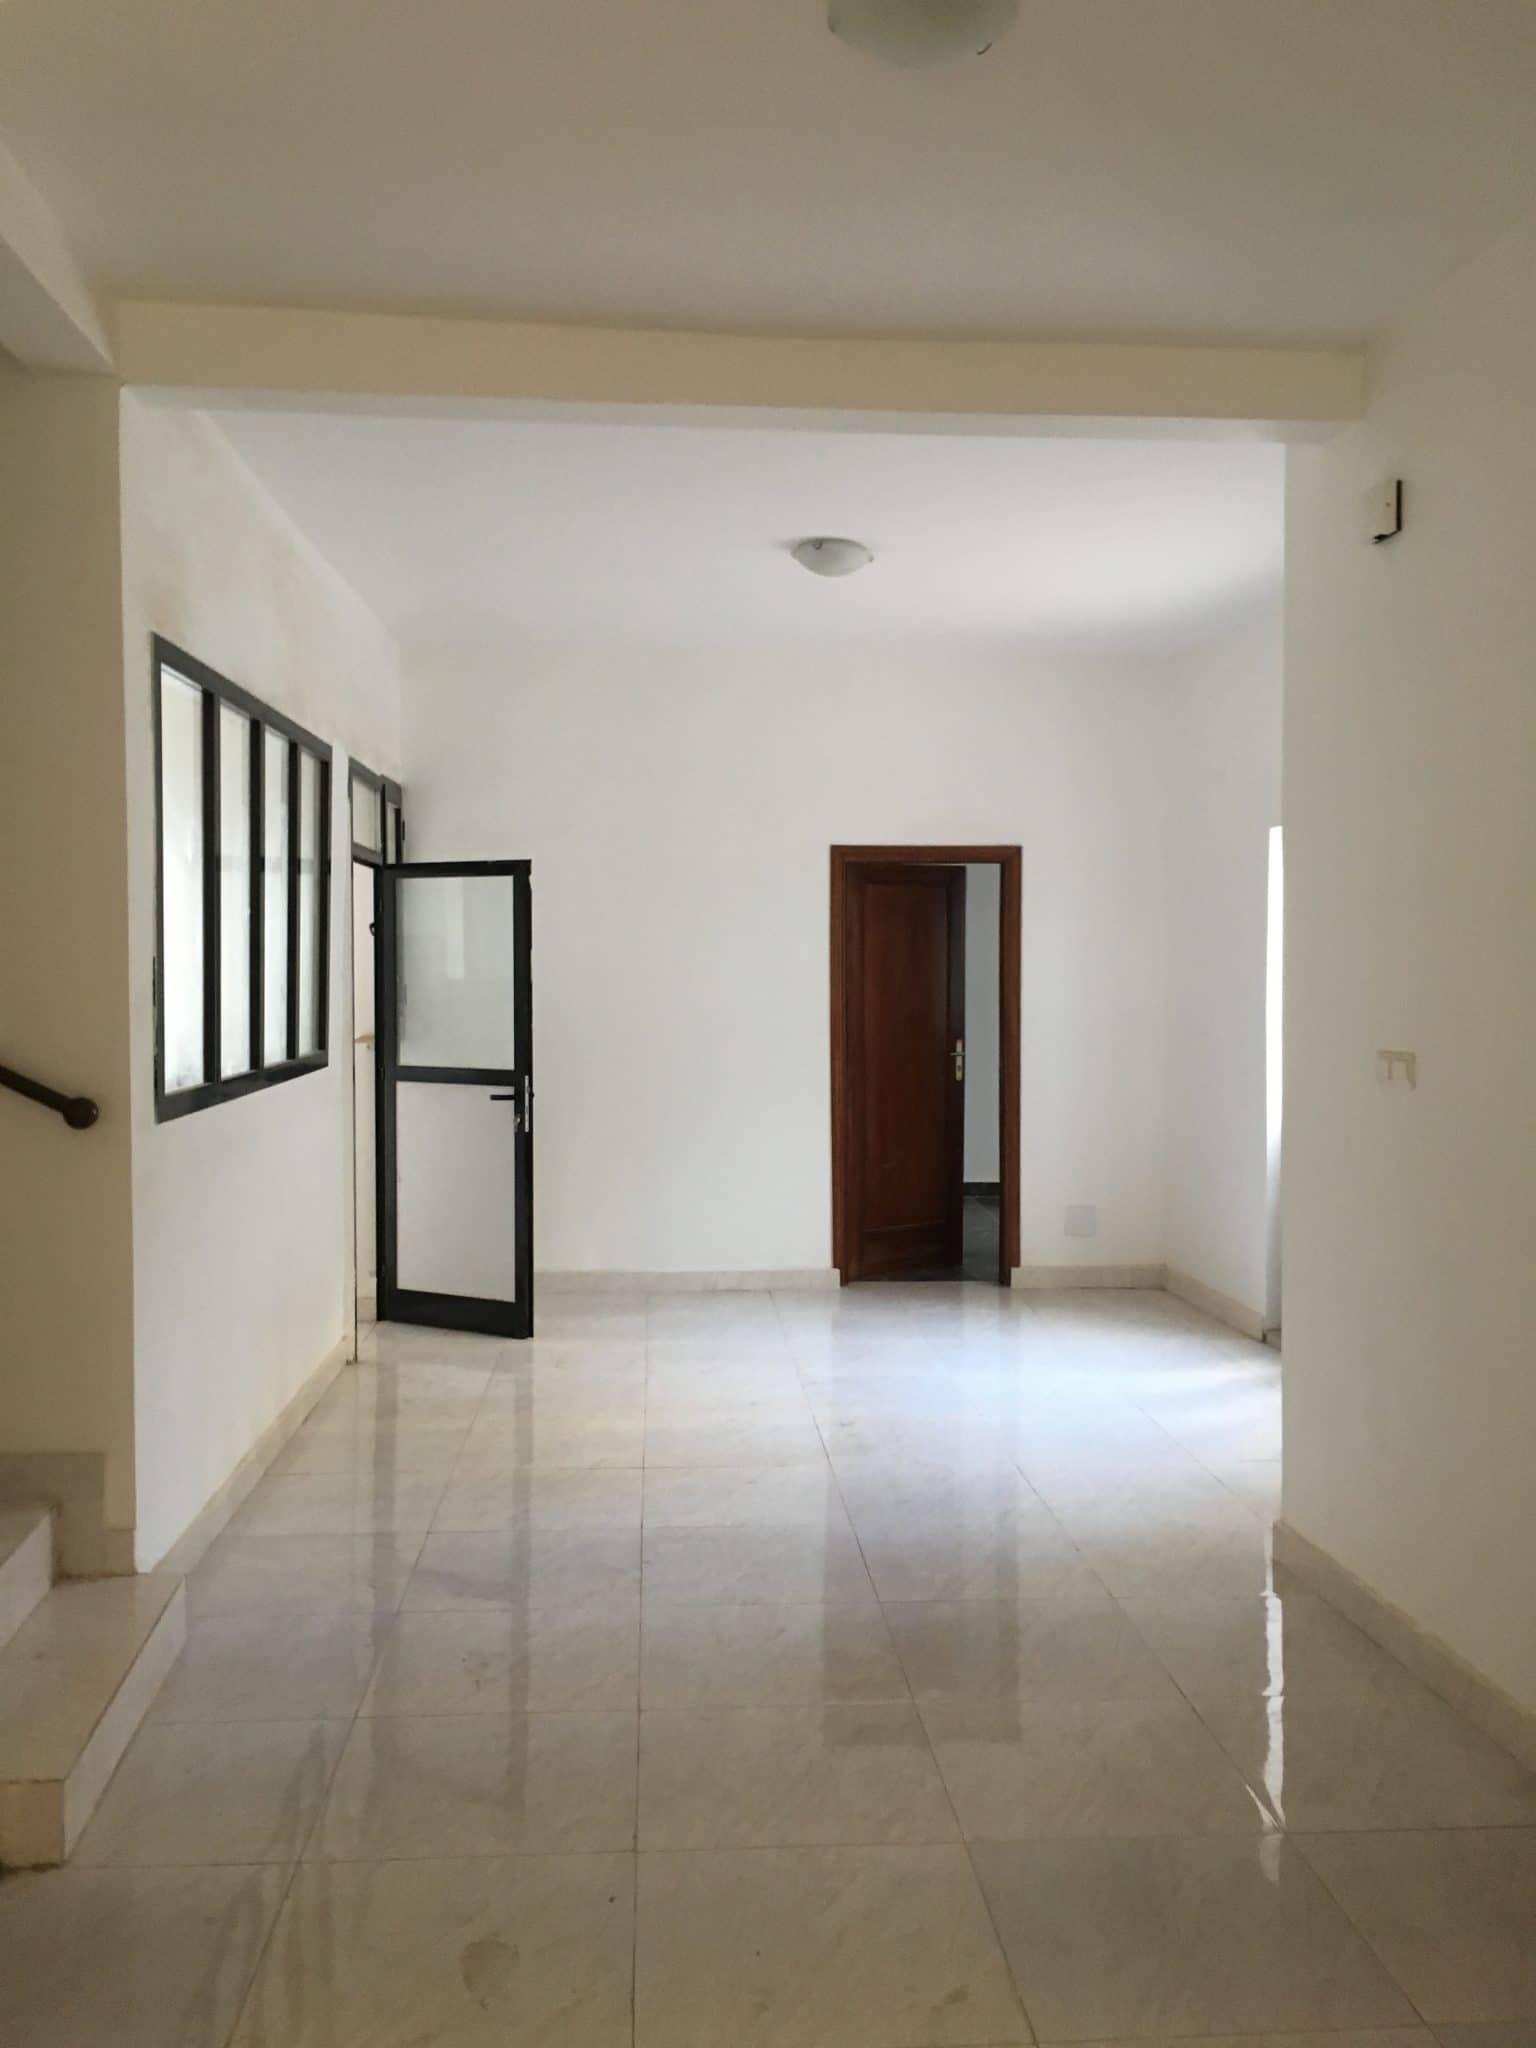 Maison à Louer à Dakar à Fann Hock